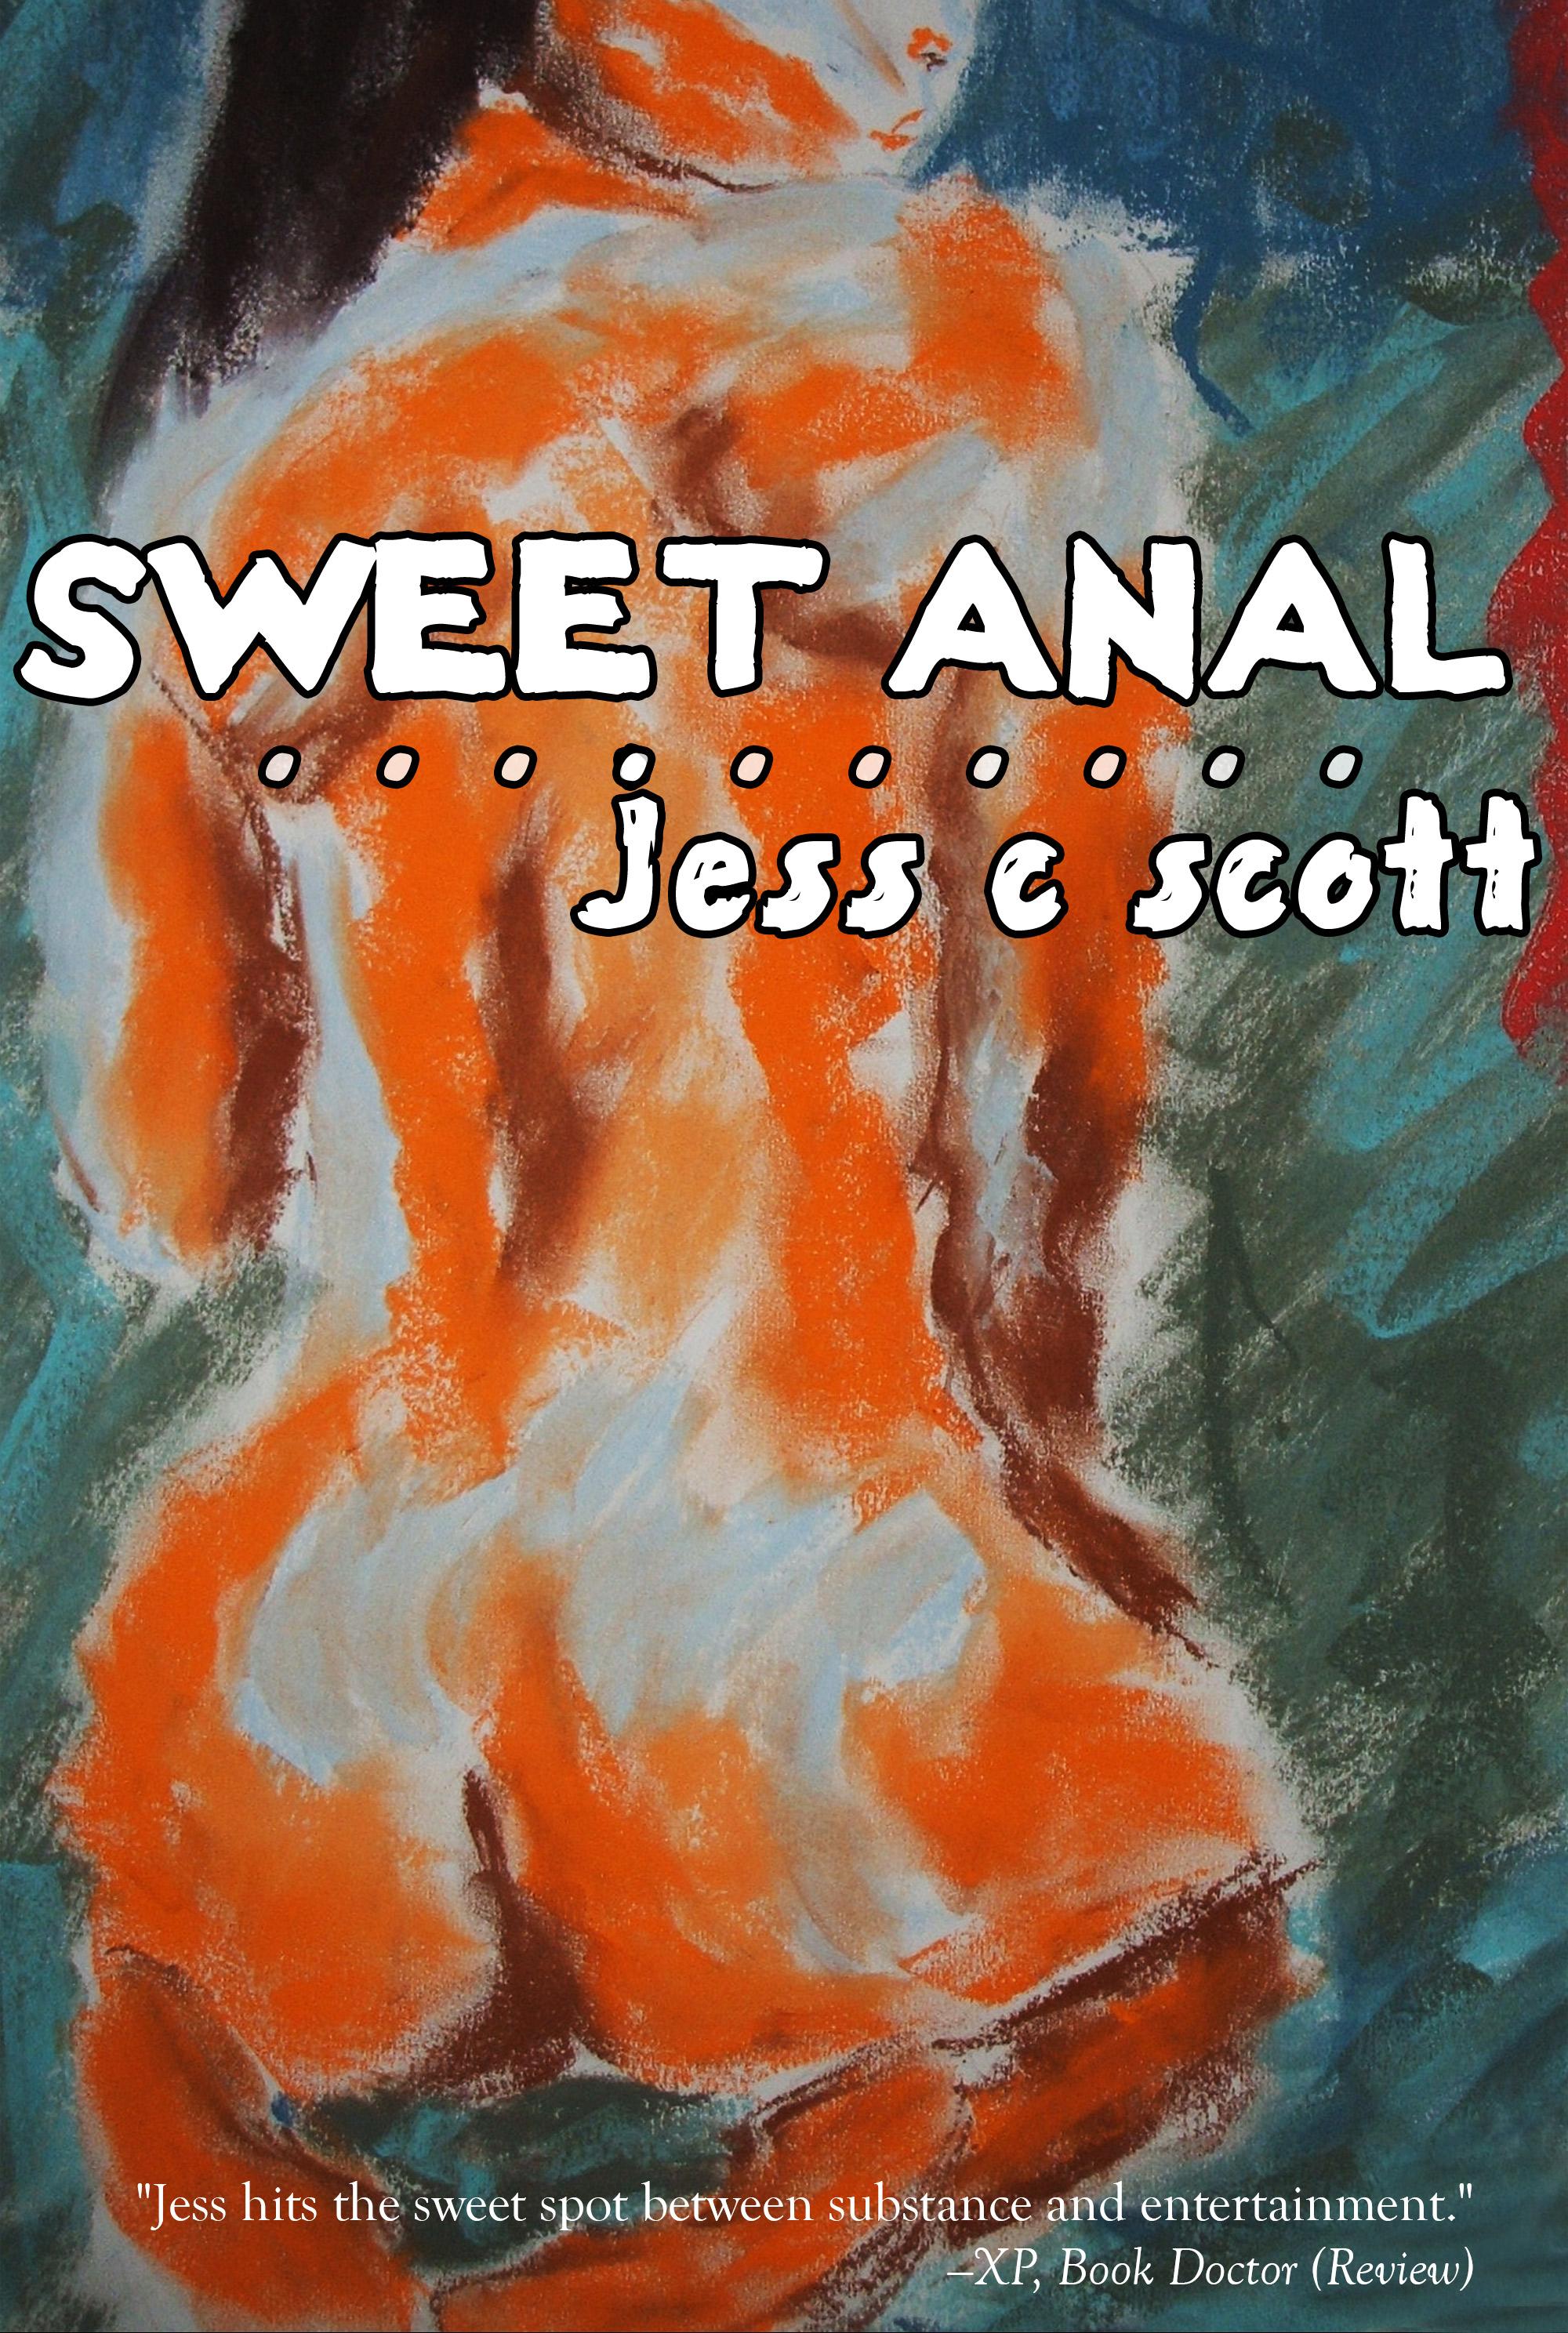 Jess C Scott - Sweet Anal